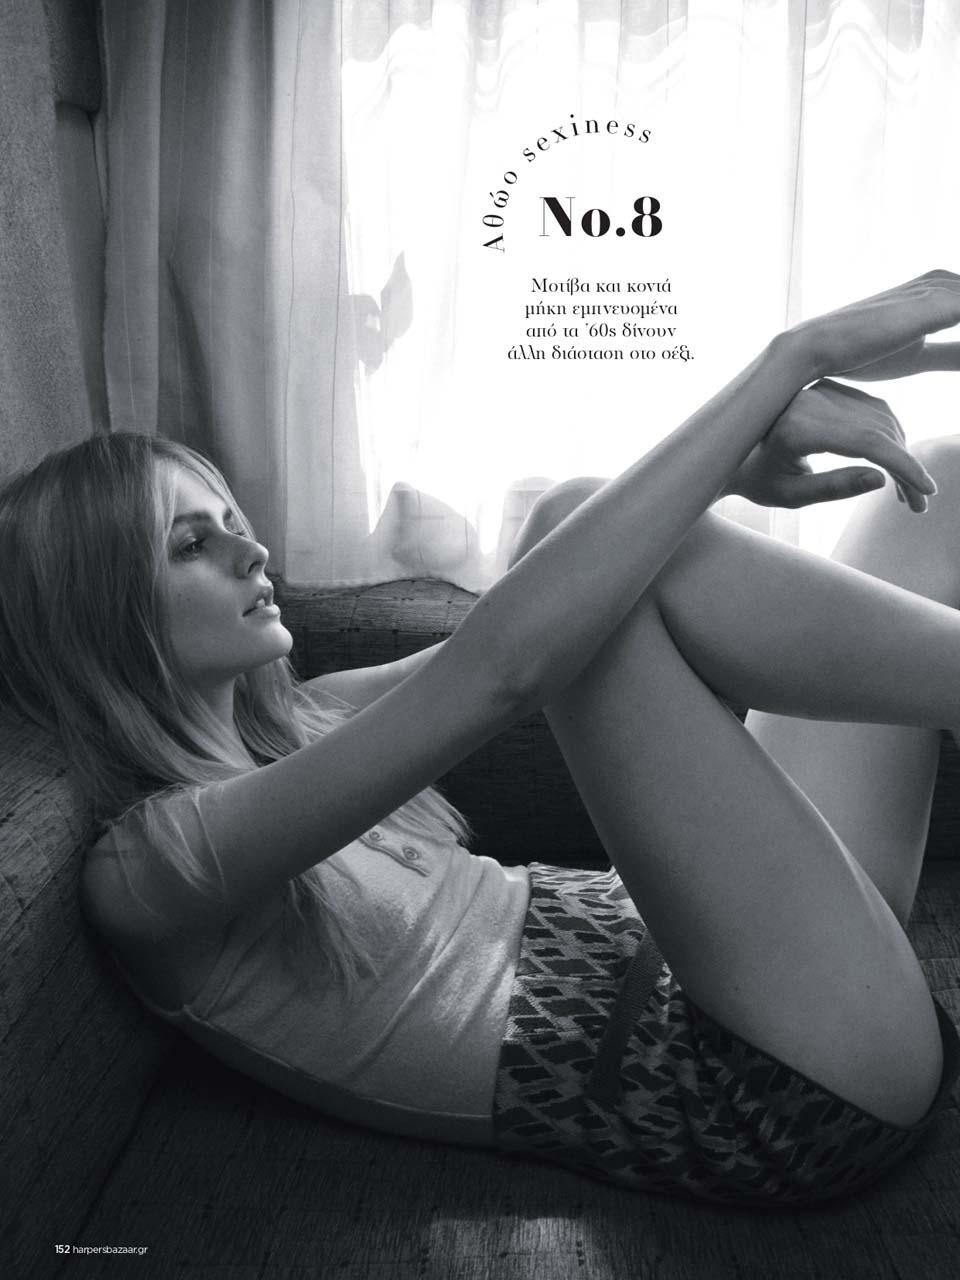 Feya Voishcheva for Harper's Bazaar